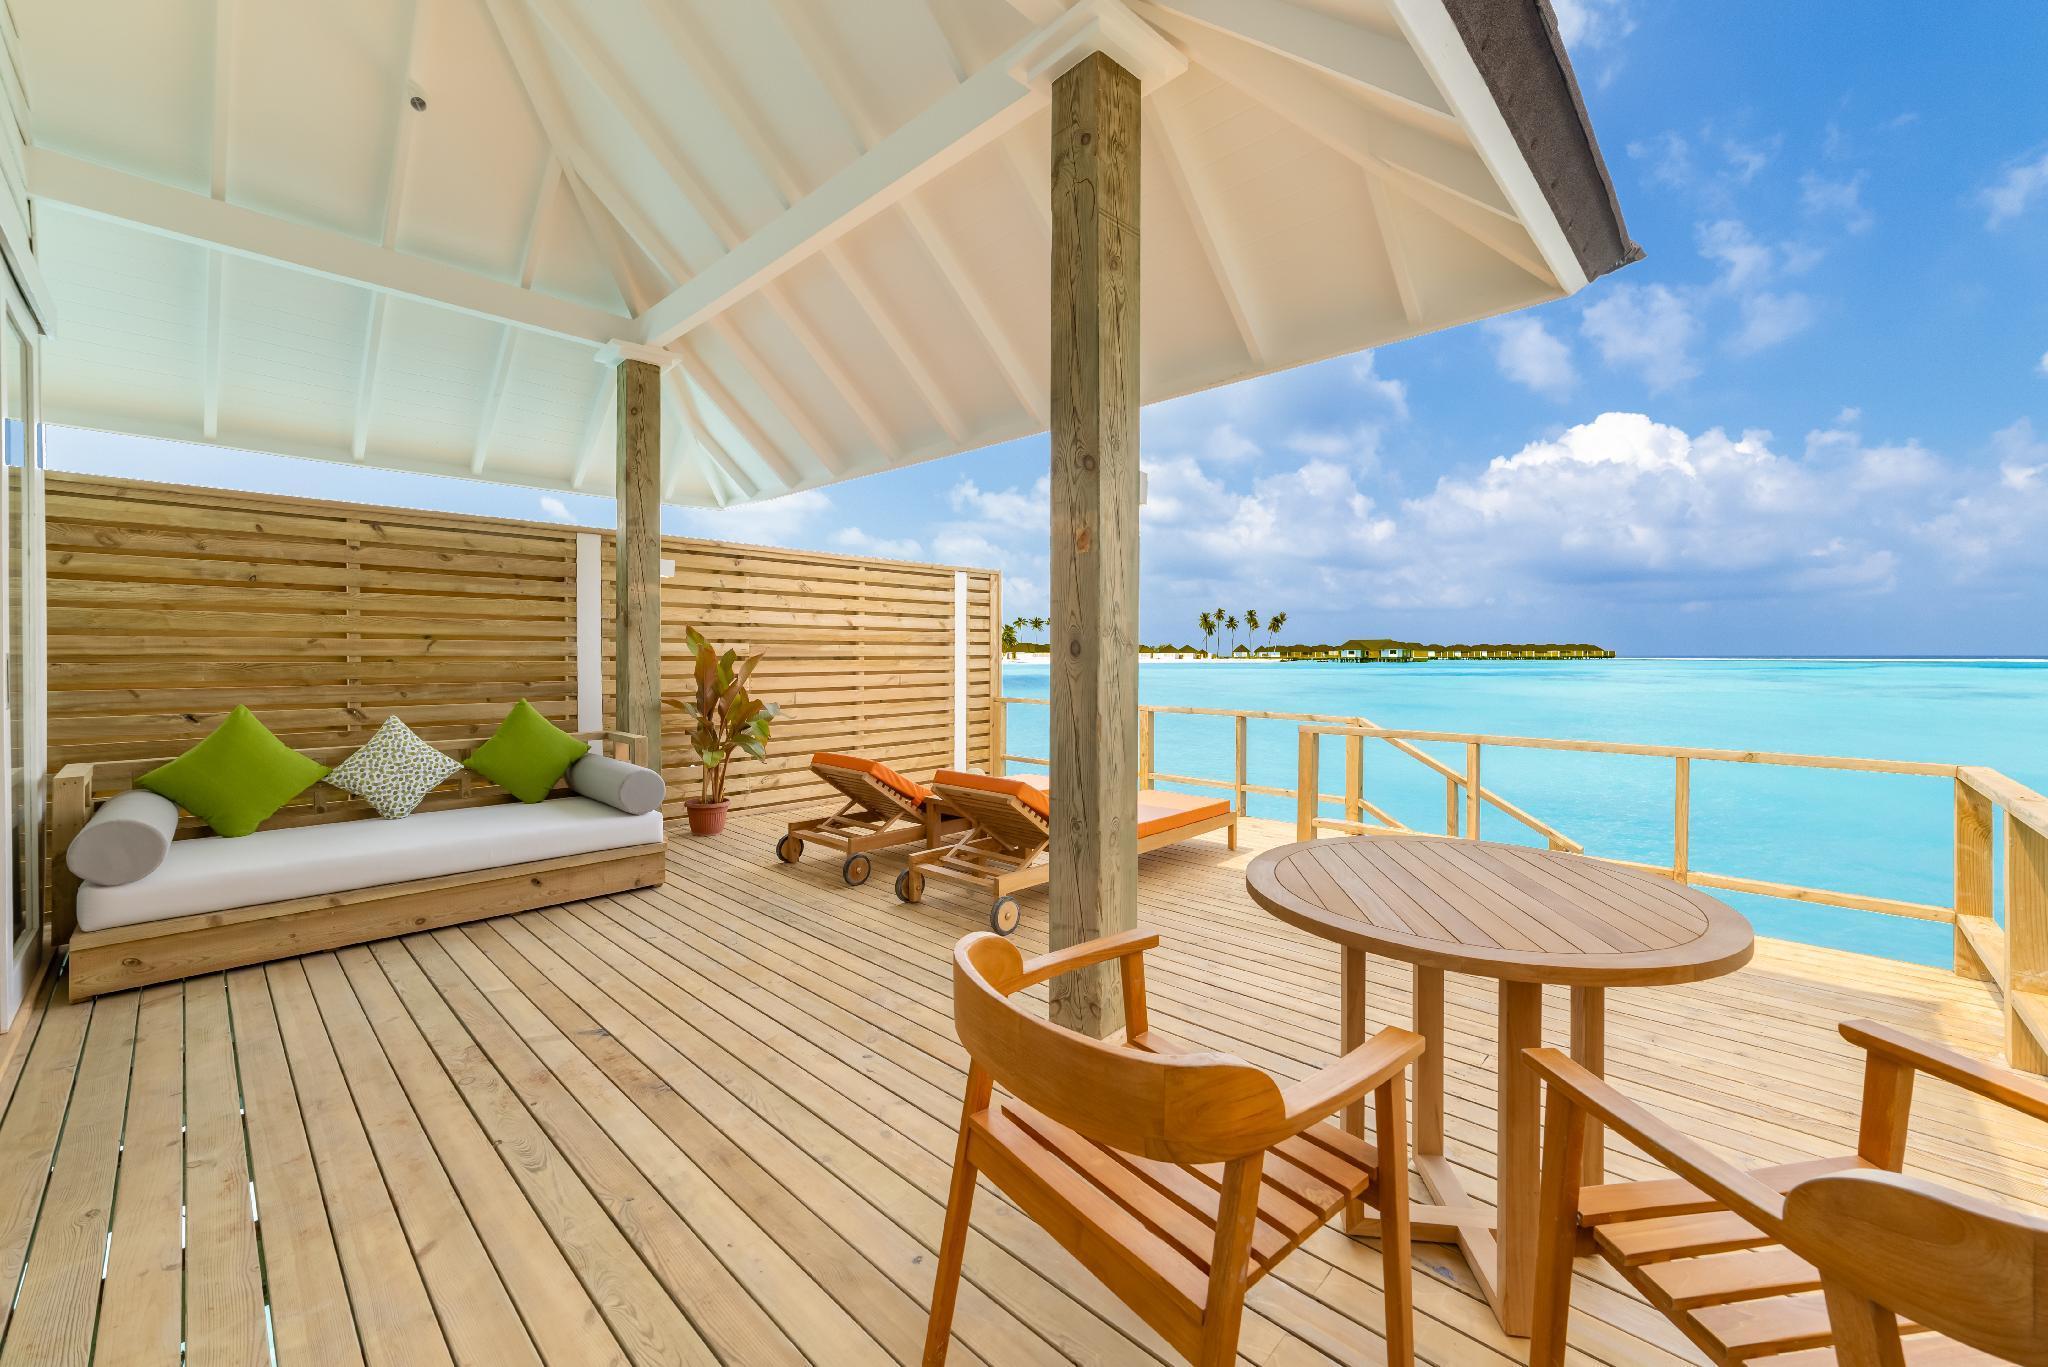 Book Olhuveli Beach & Spa Maldives, South Male Atoll (Maldives ...